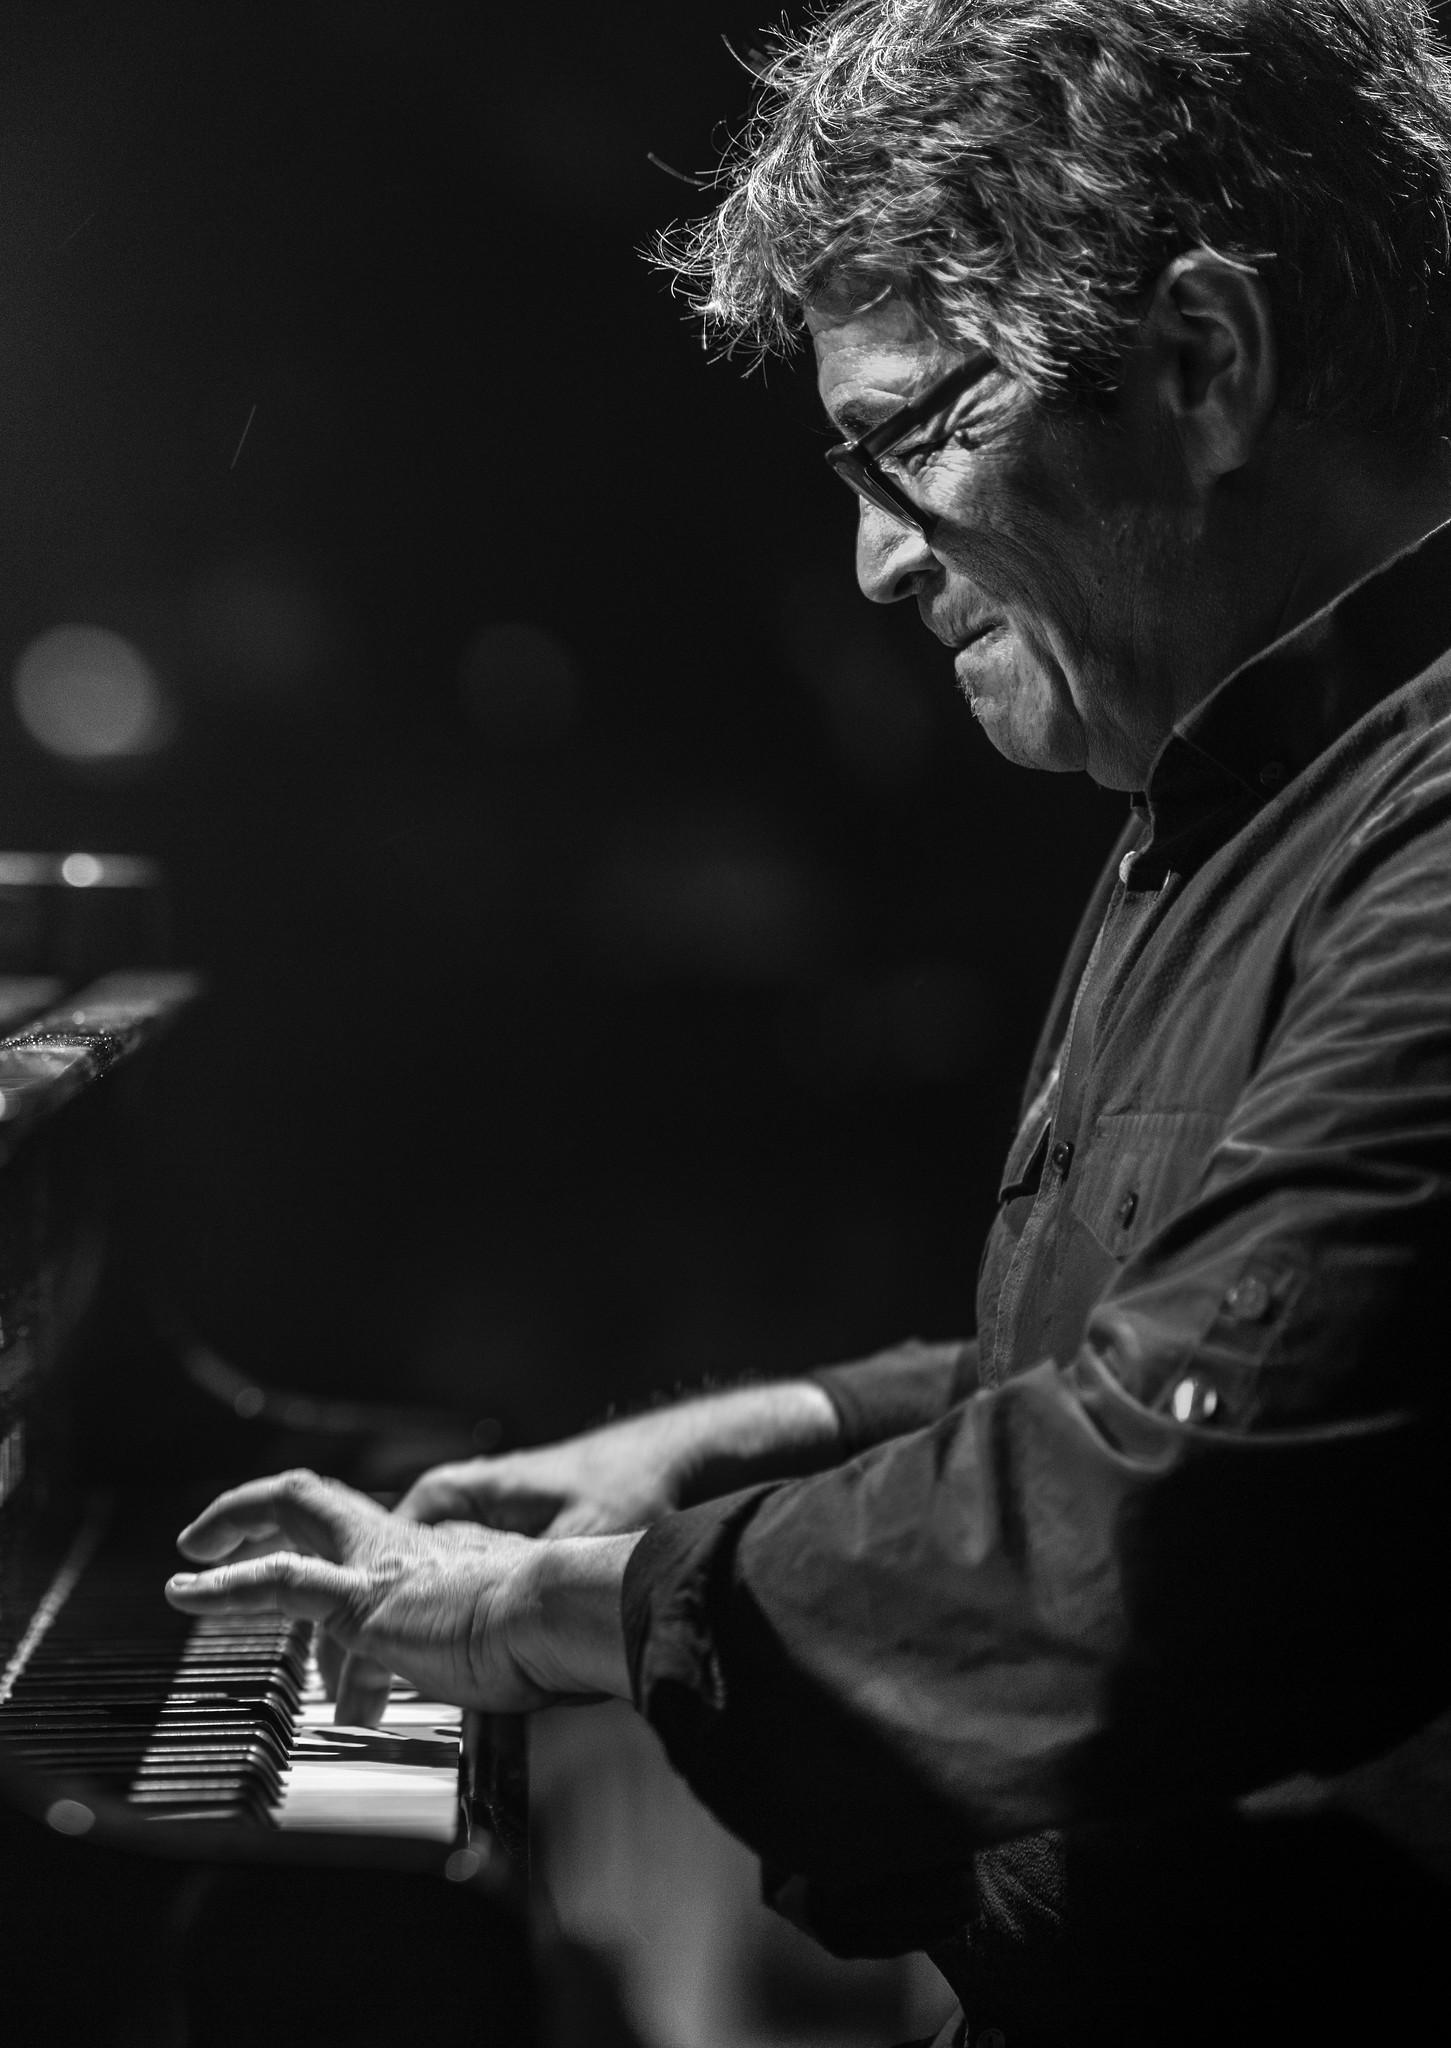 Imagen del músico Chano Domínguez